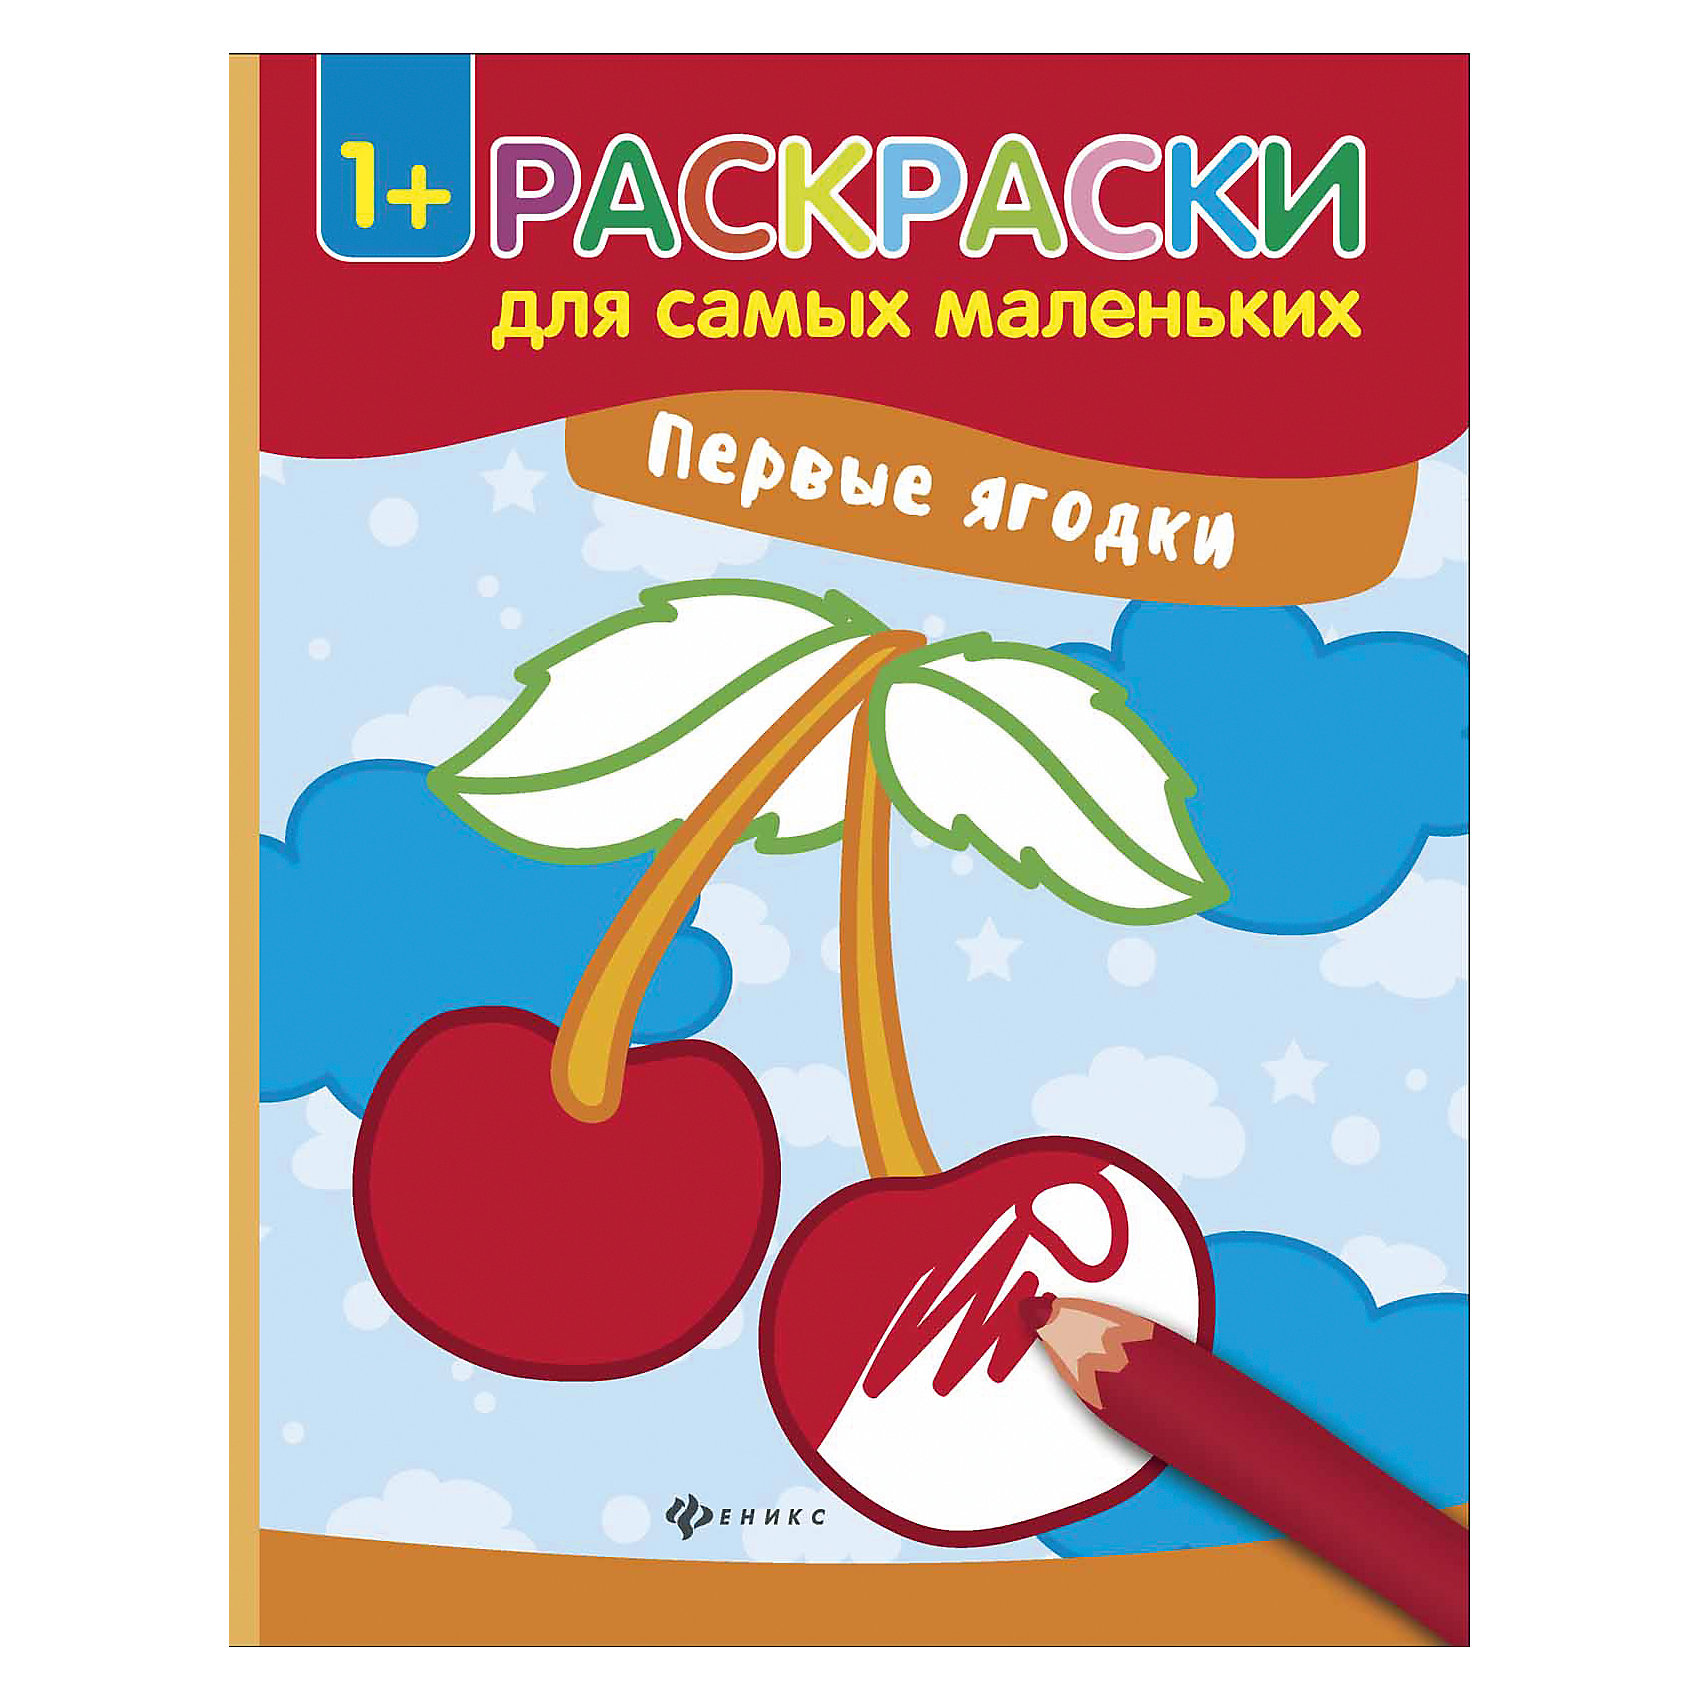 Раскраска Первые ягодкиРисование<br>Книжка-раскраска Первые ягодки<br><br>Характеристики: <br><br>• Кол-во страниц: 8<br>• ISBN: 9785222286685<br>• Возраст: 1+<br>• Обложка: мягкая<br>• Формат: а4<br><br>Эта увлекательная раскраска подойдет для использования детьми от 1 года. Все рисунки выполнены крупно, чтобы малышу было удобно ориентироваться в них, а так же имеют цветные контуры, которые помогут сориентироваться в выборе нужного цвета для раскрашивания картинки. Работа с такими книжками-раскрасками помогает развить мелкую моторику и воображение.<br><br>Книжка-раскраска Первые ягодки можно купить в нашем интернет-магазине.<br><br>Ширина мм: 261<br>Глубина мм: 200<br>Высота мм: 10<br>Вес г: 39<br>Возраст от месяцев: -2147483648<br>Возраст до месяцев: 2147483647<br>Пол: Унисекс<br>Возраст: Детский<br>SKU: 5464528